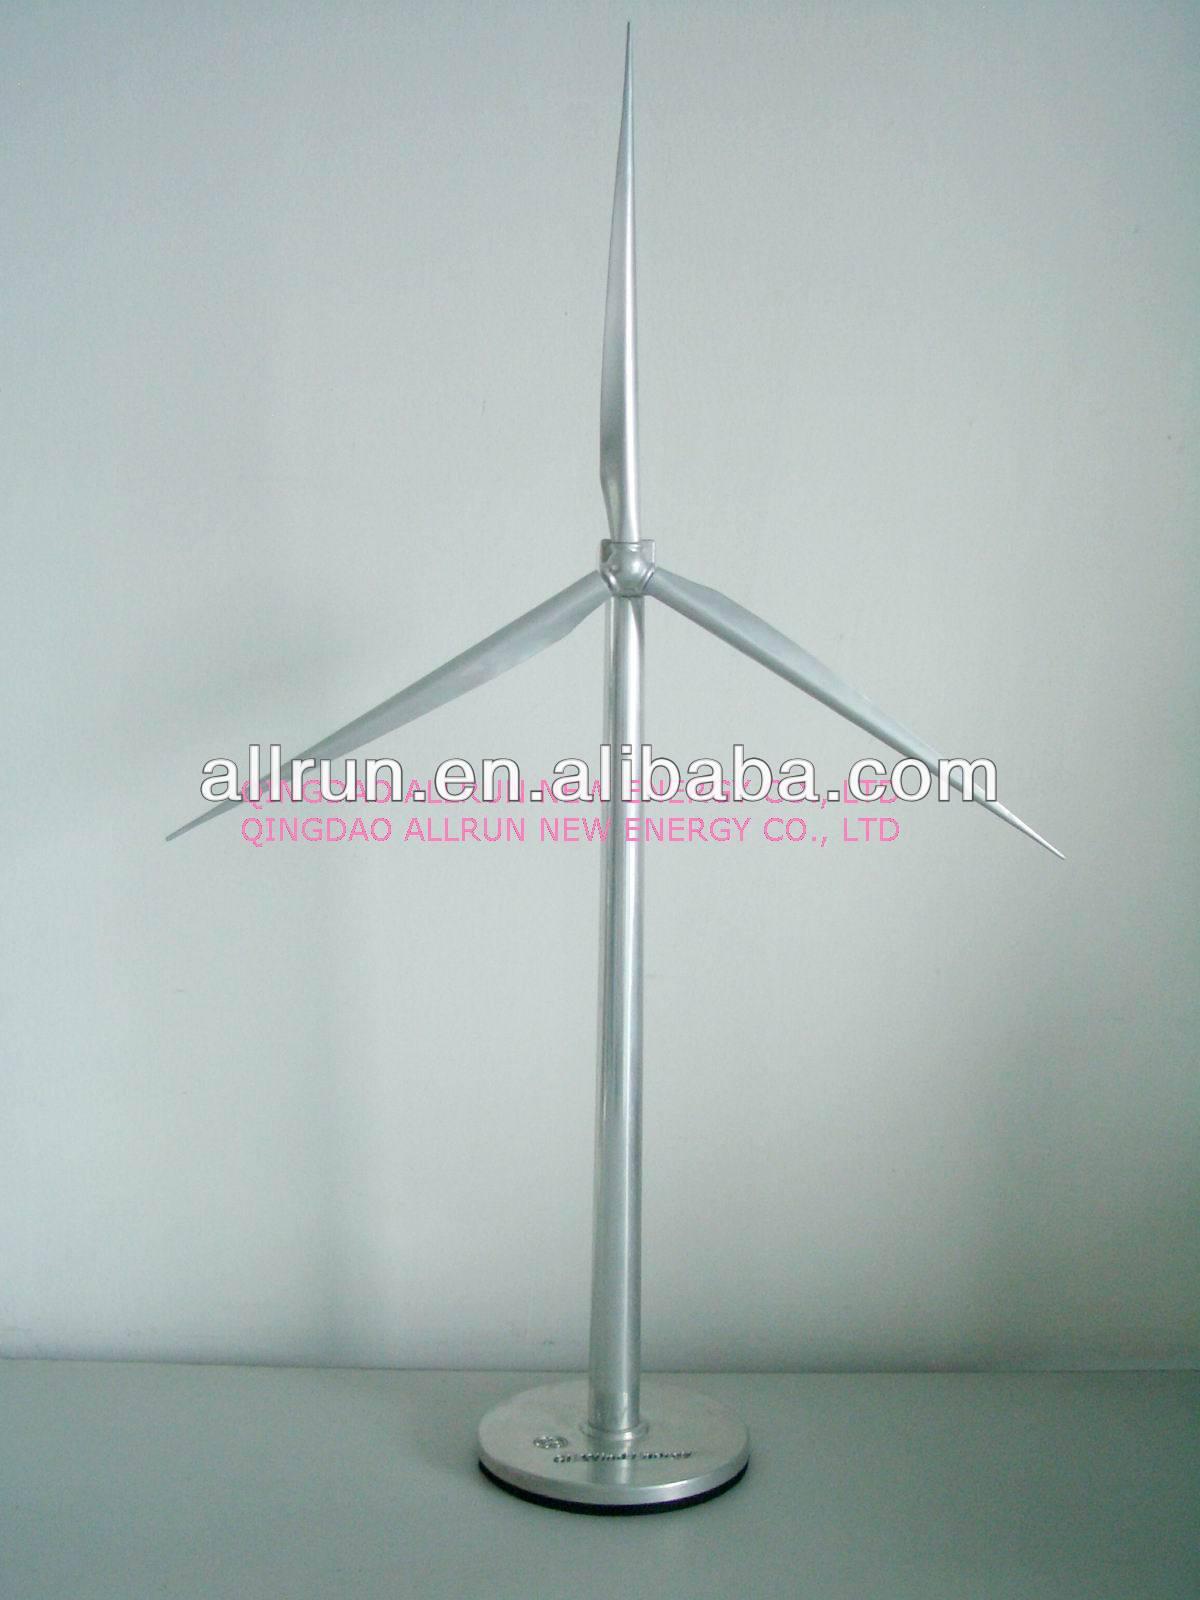 2014 NEW DESIGN Solar Power Wind Turbine Model for Business Gift